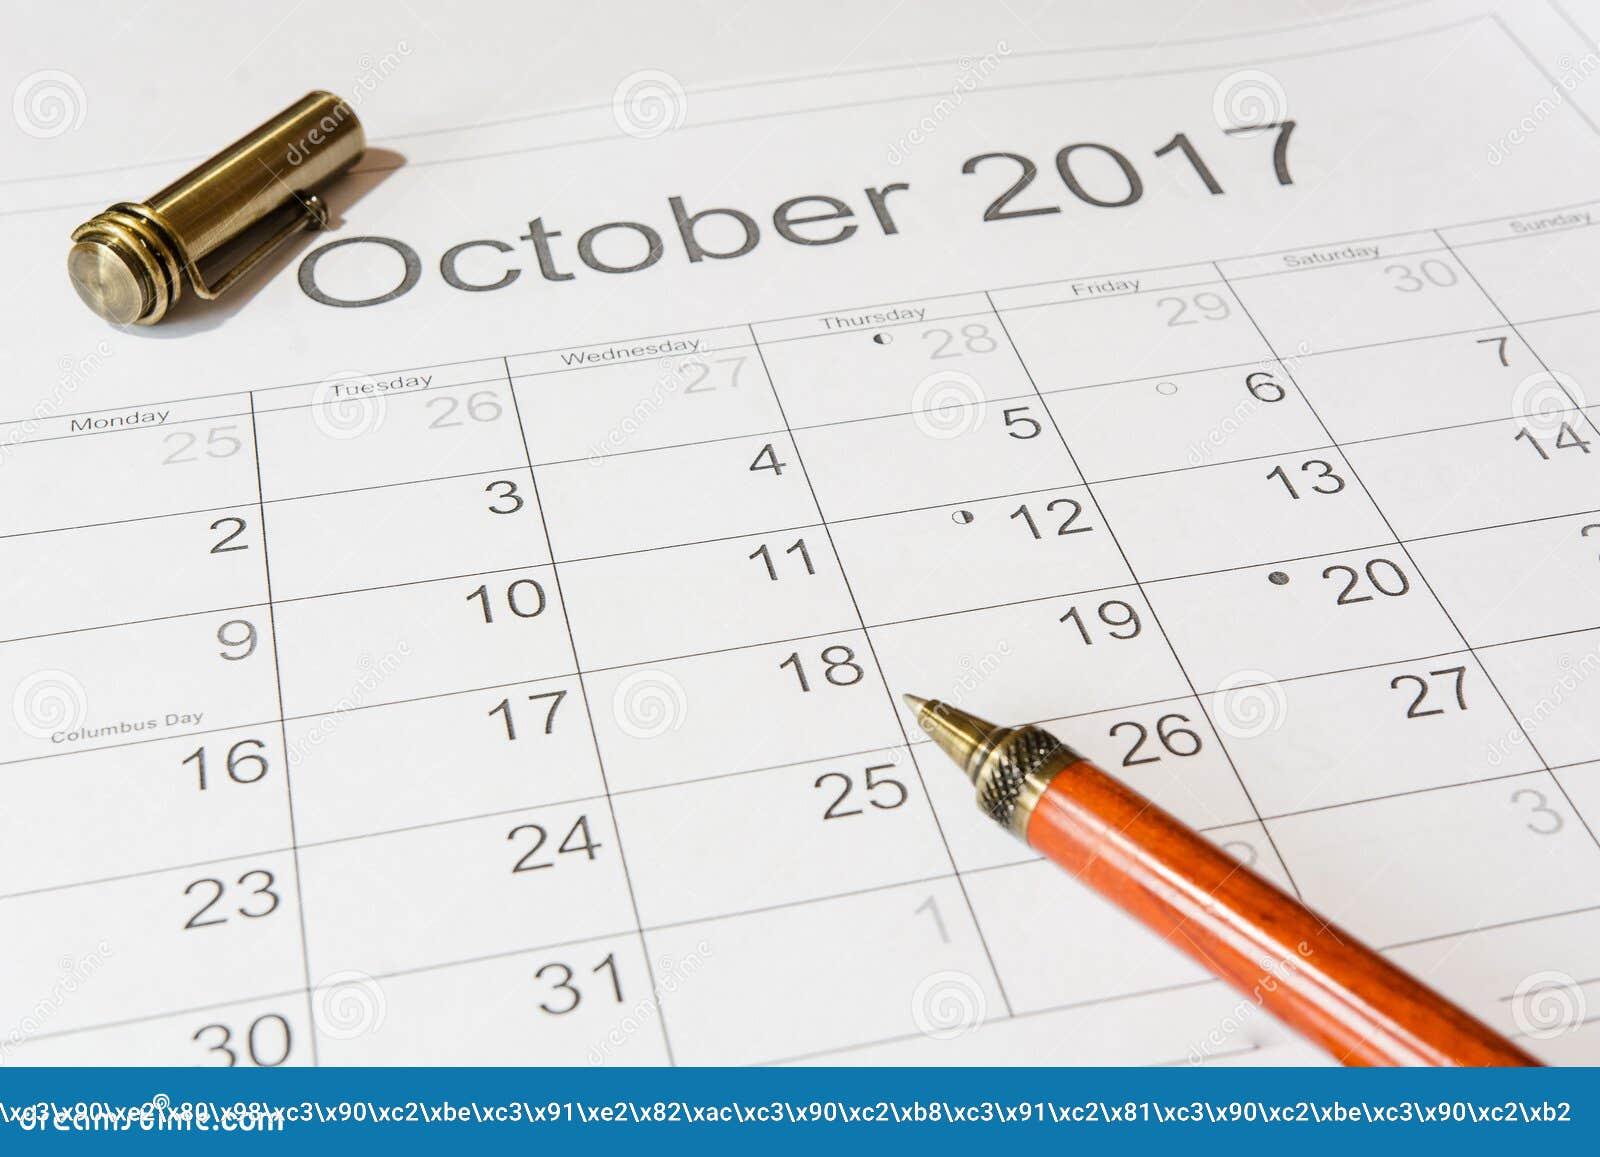 Analysis of a calendar October